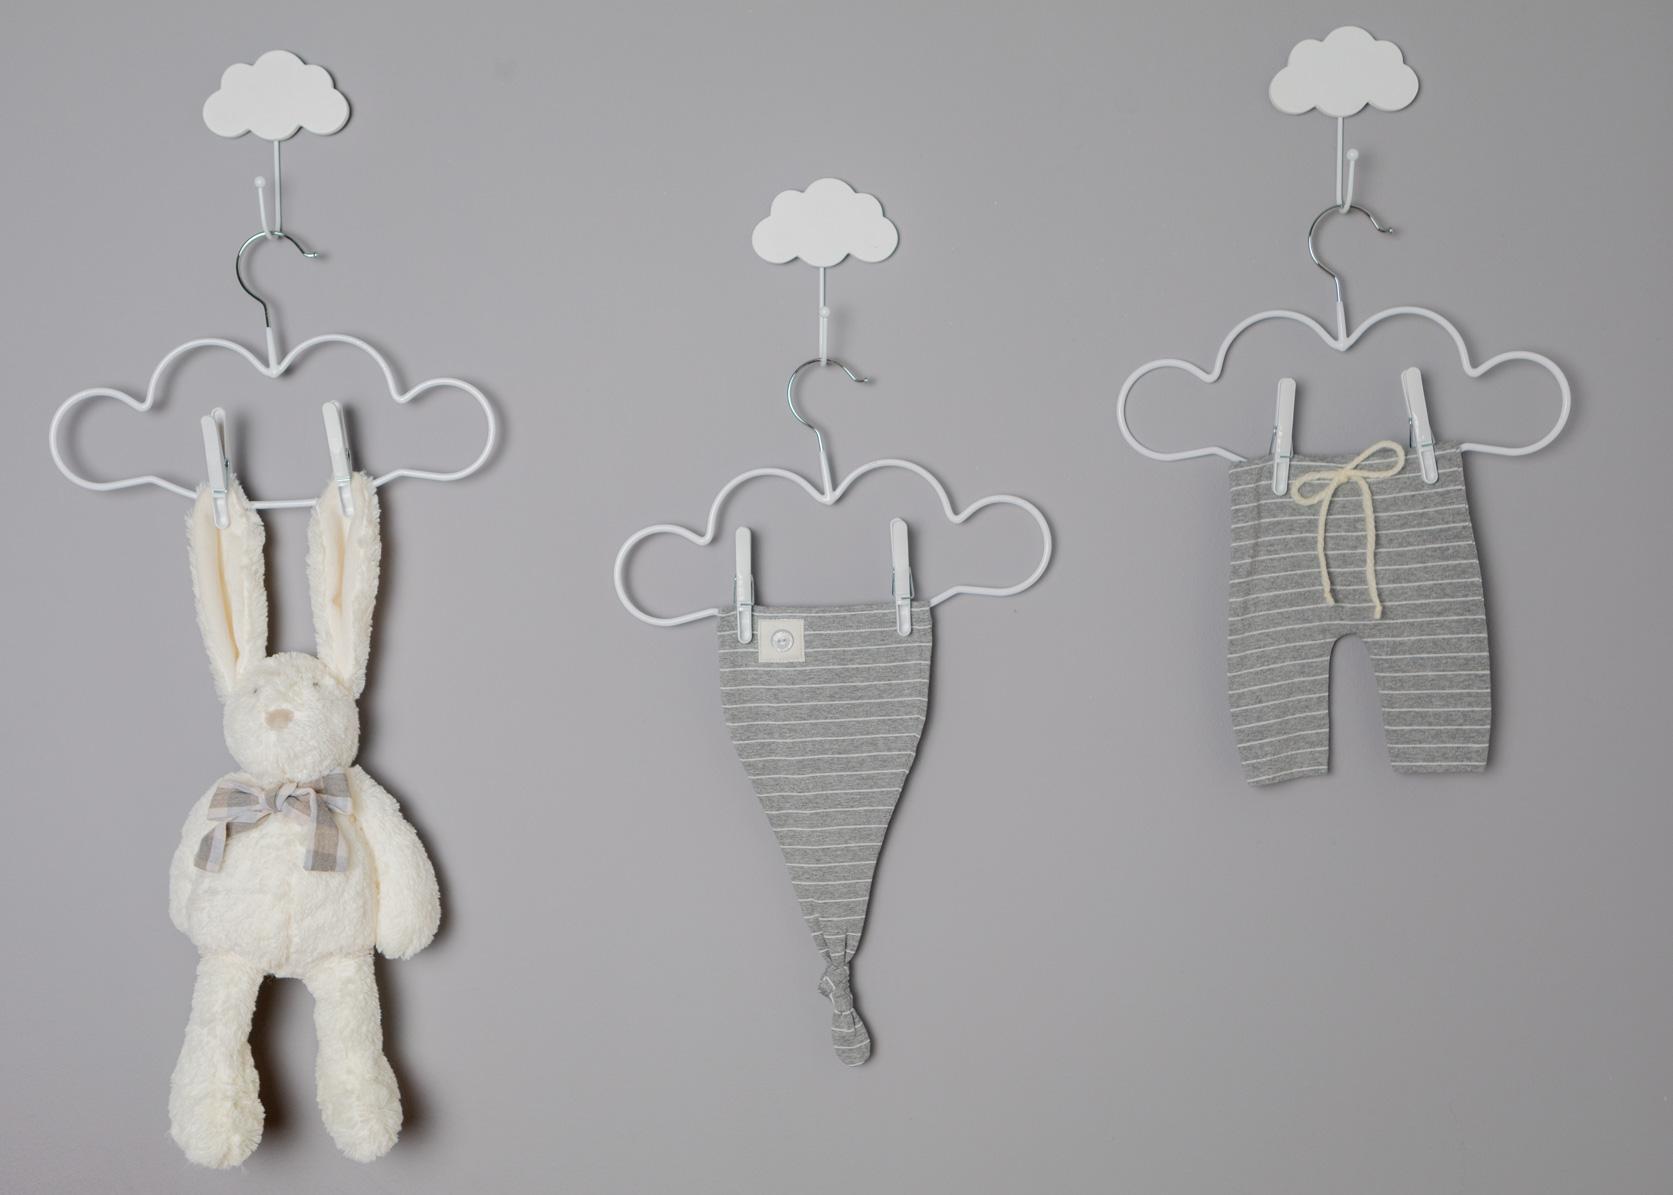 tenue 2 - Accessoires nouveau-né - Tenue petit garçon - Mon studio - Mélanie Durand Photographe